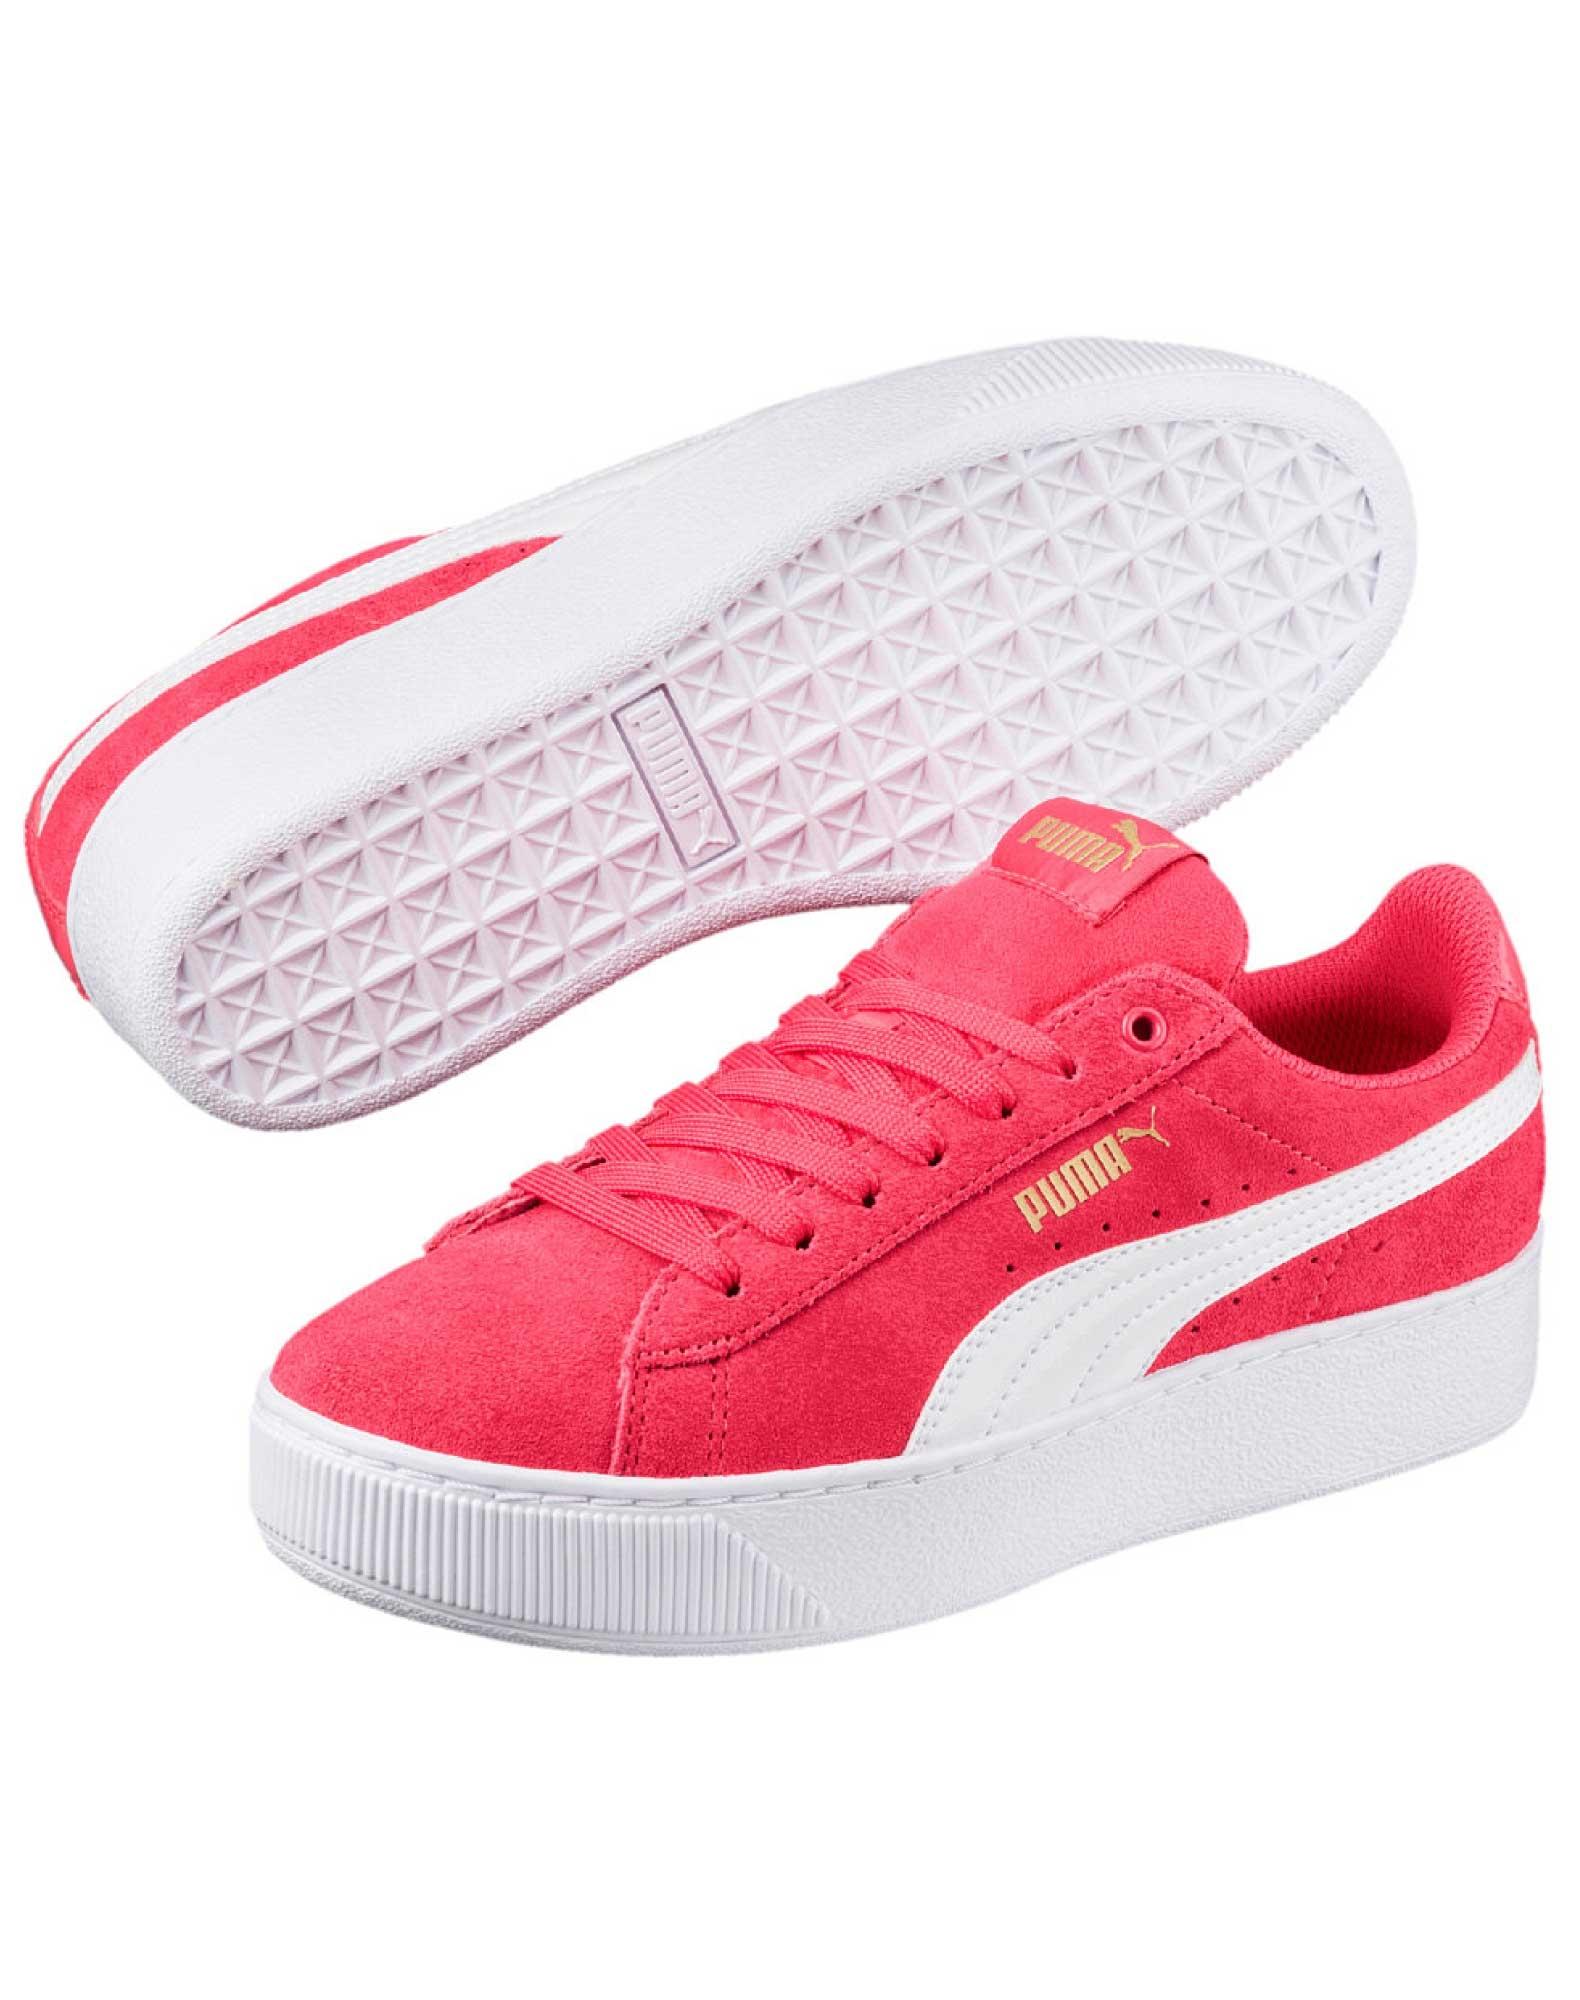 Køb Platform Pige Ac Pink Sneakers Puma Ps Vikky Online vwmOyN80Pn